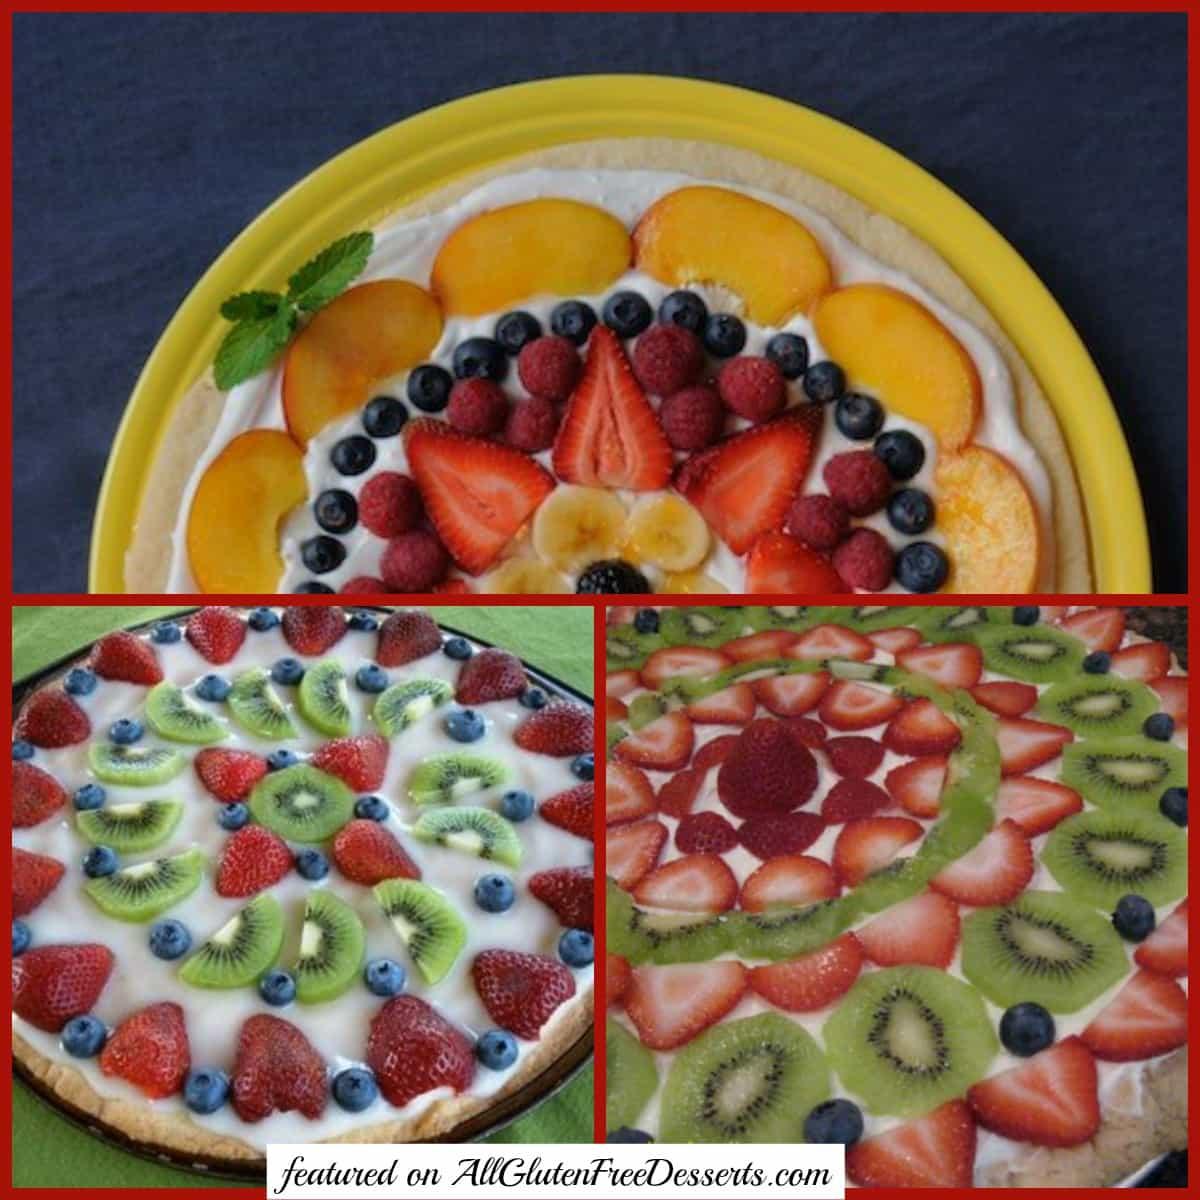 Gluten-Free Fruit Pizza Desserts [featured on AllGlutenFreeDesserts.com]